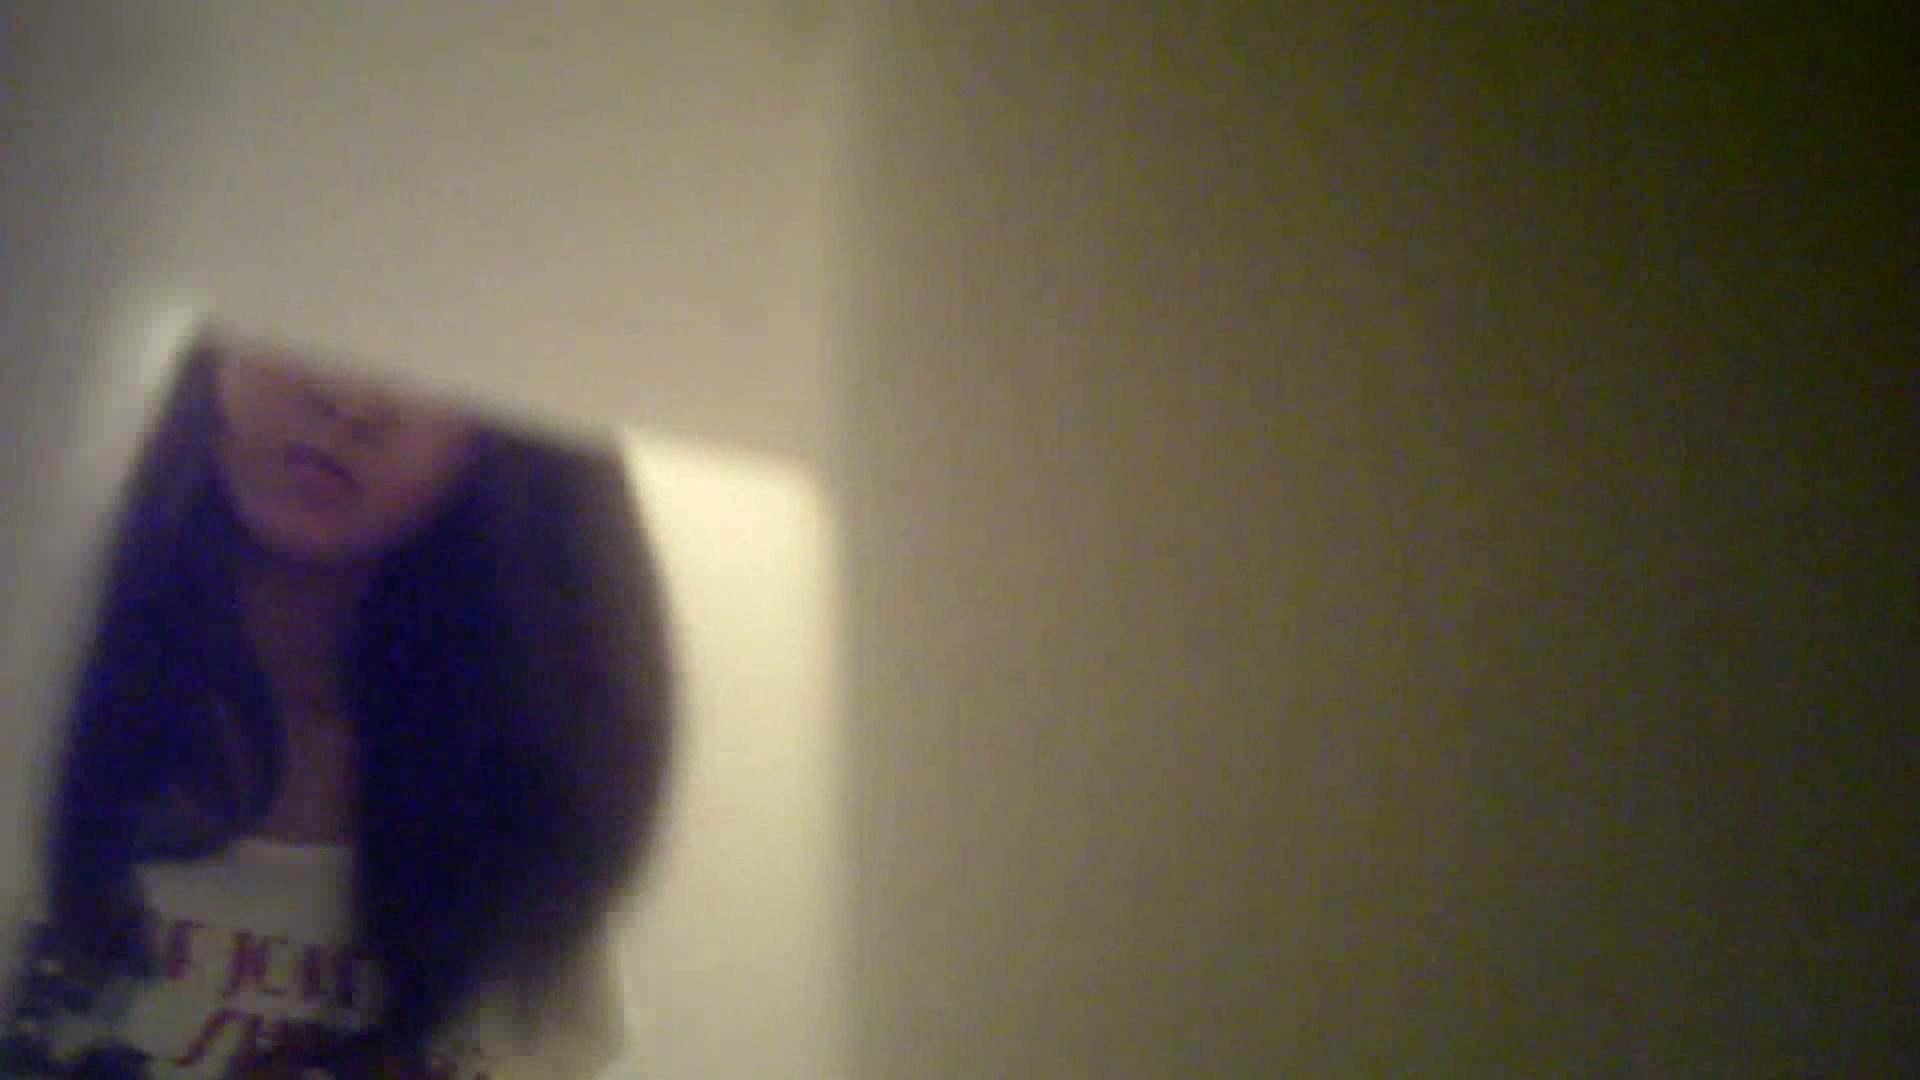 有名大学女性洗面所 vol.45 冴え渡る多方向撮影!職人技です。 OL  86連発 24